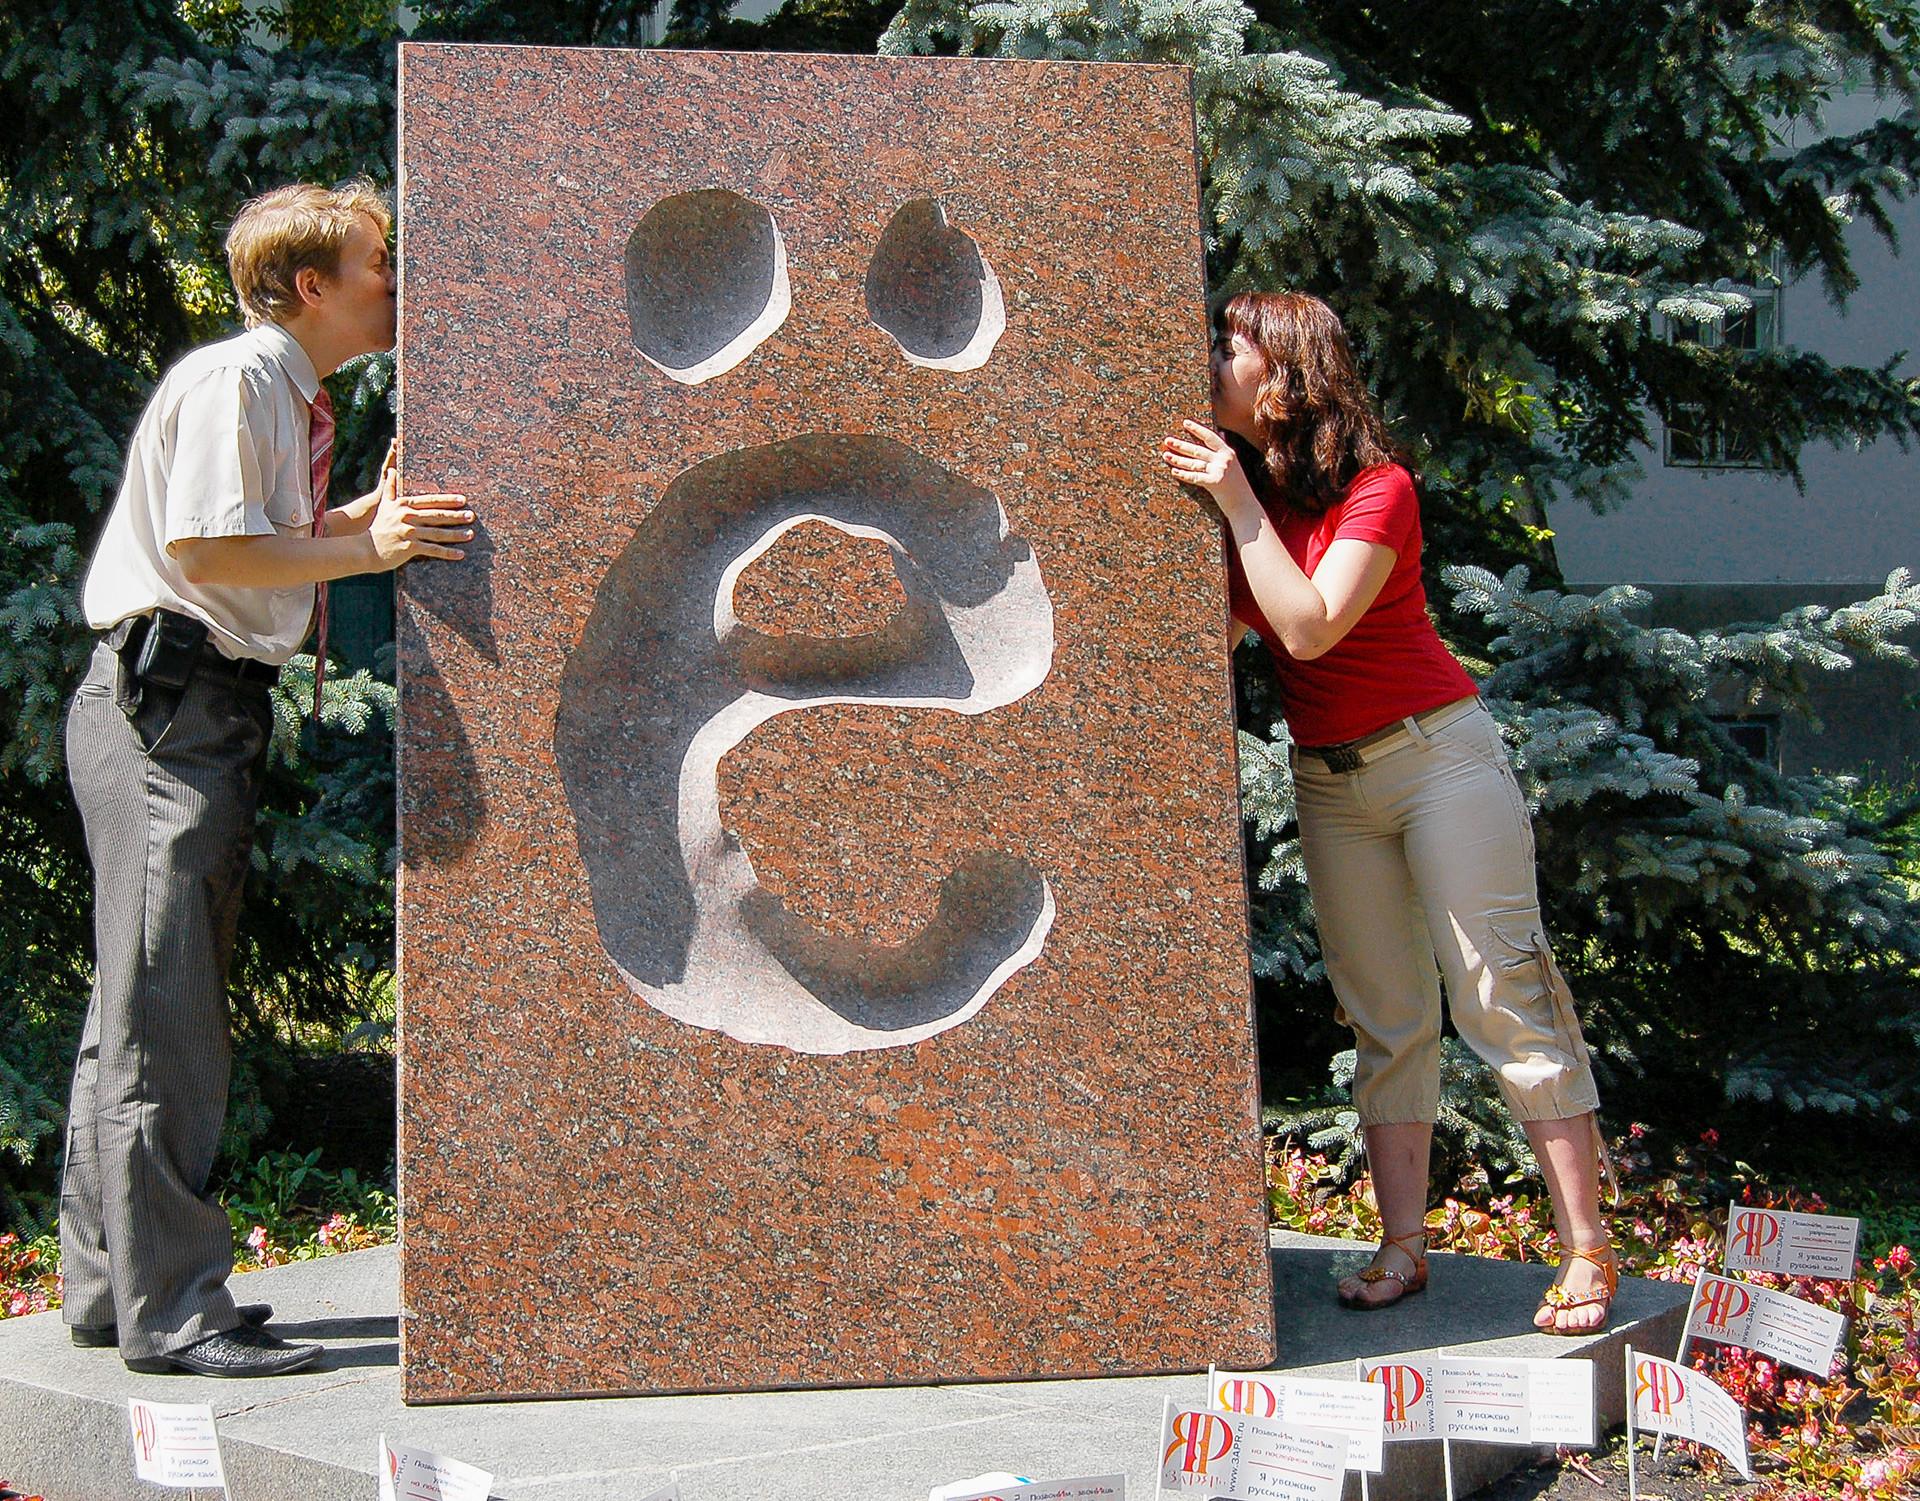 V mestu Uljanovsk je črka ё leta 2005 dobila svoj spomenik